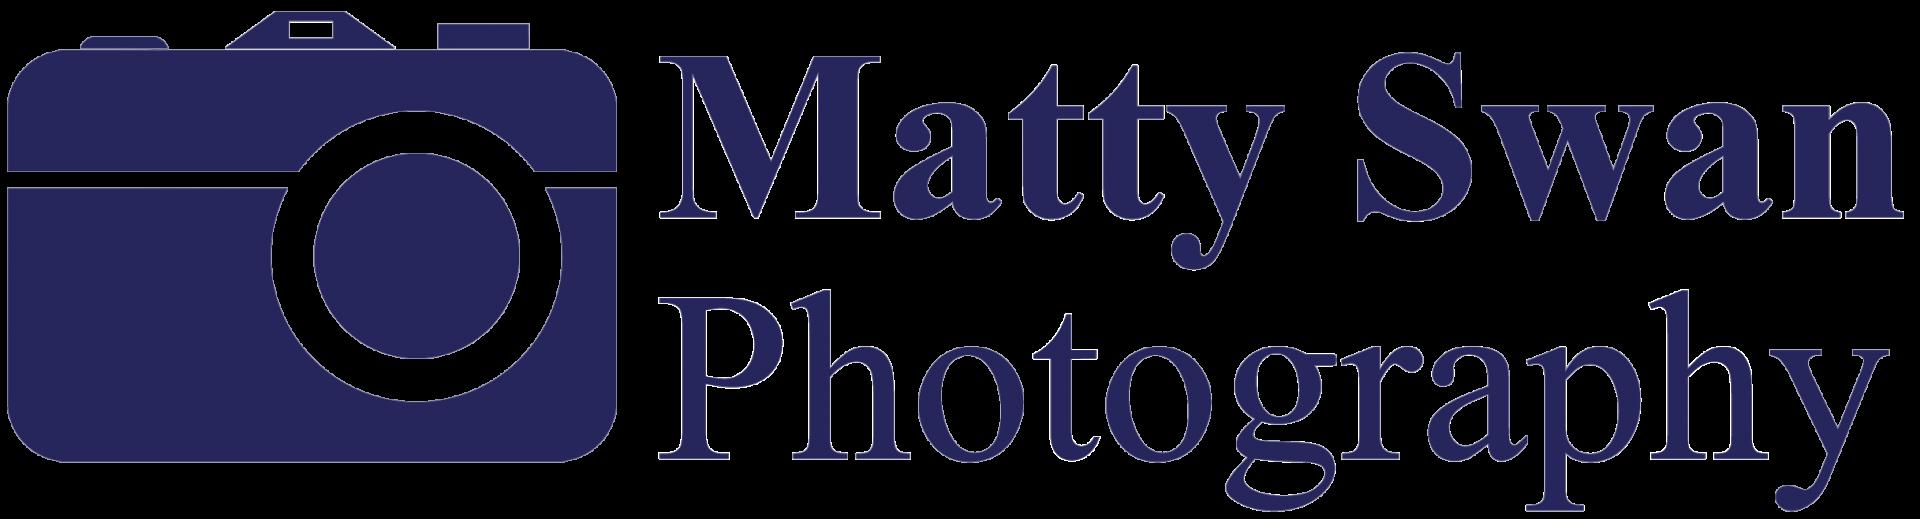 Matty Swan Photography logo